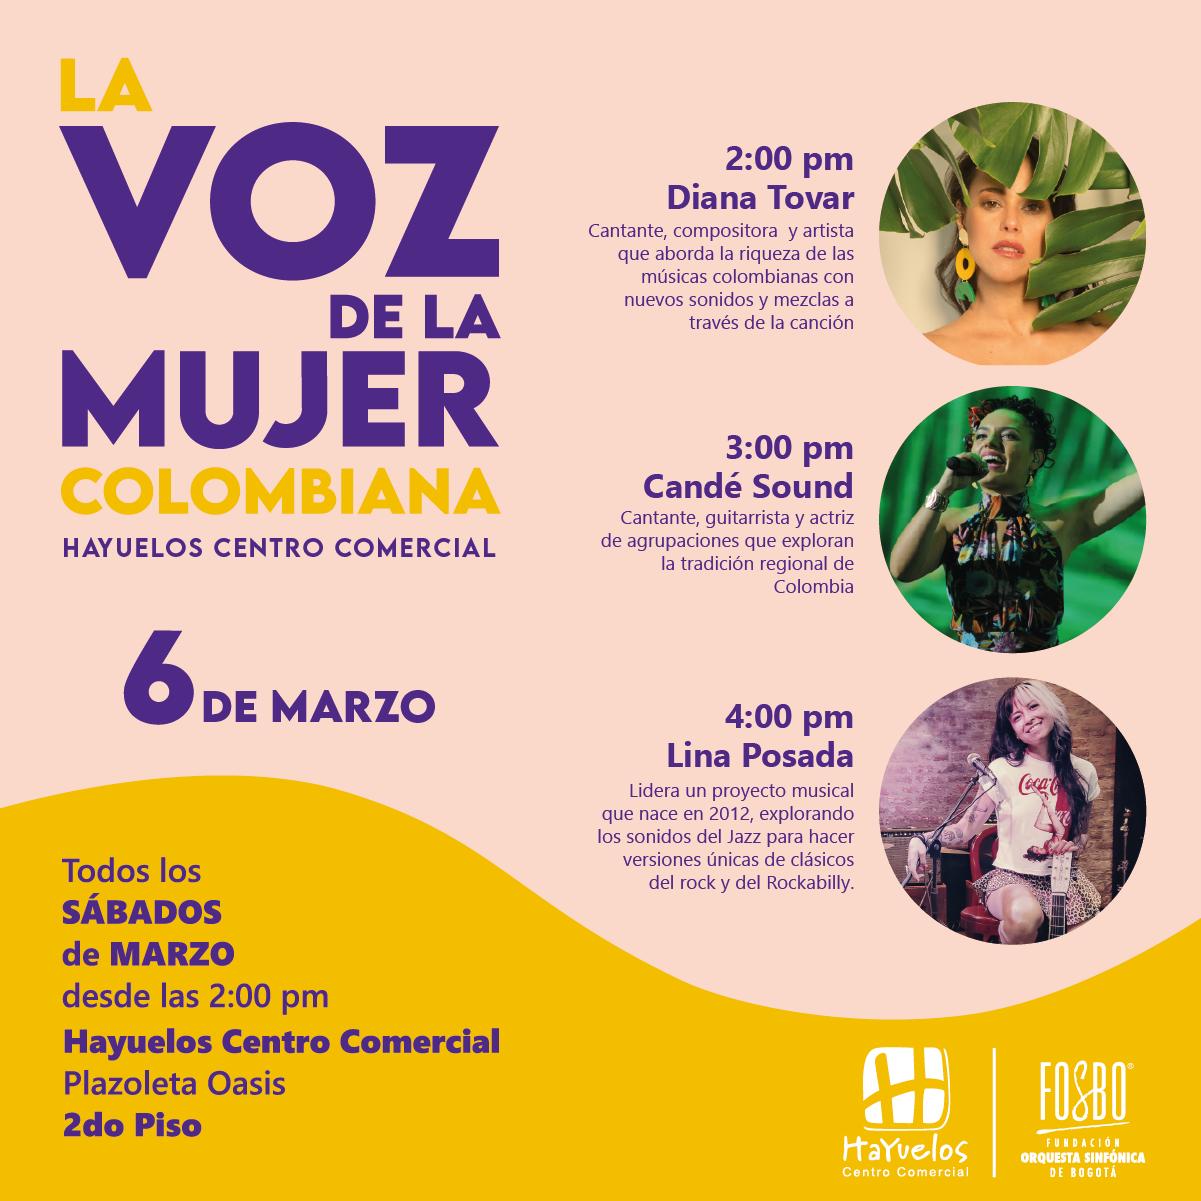 La voz de la mujer colombiana Hayuelos